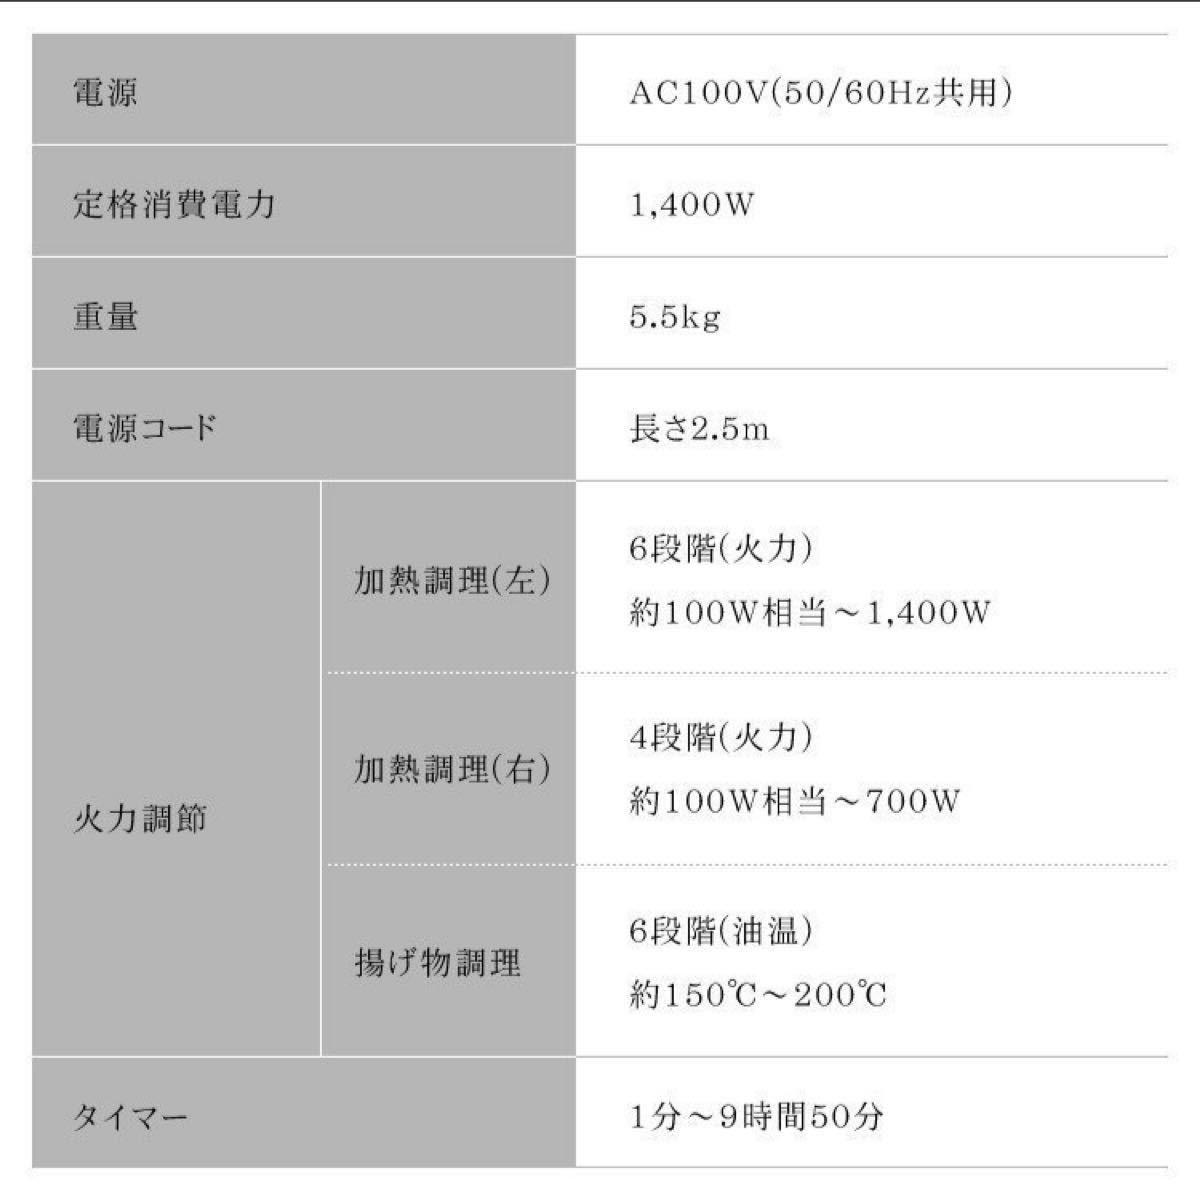 IHクッキングヒーター 2口 アイリスオーヤマ 1400W IHK-W12P-B